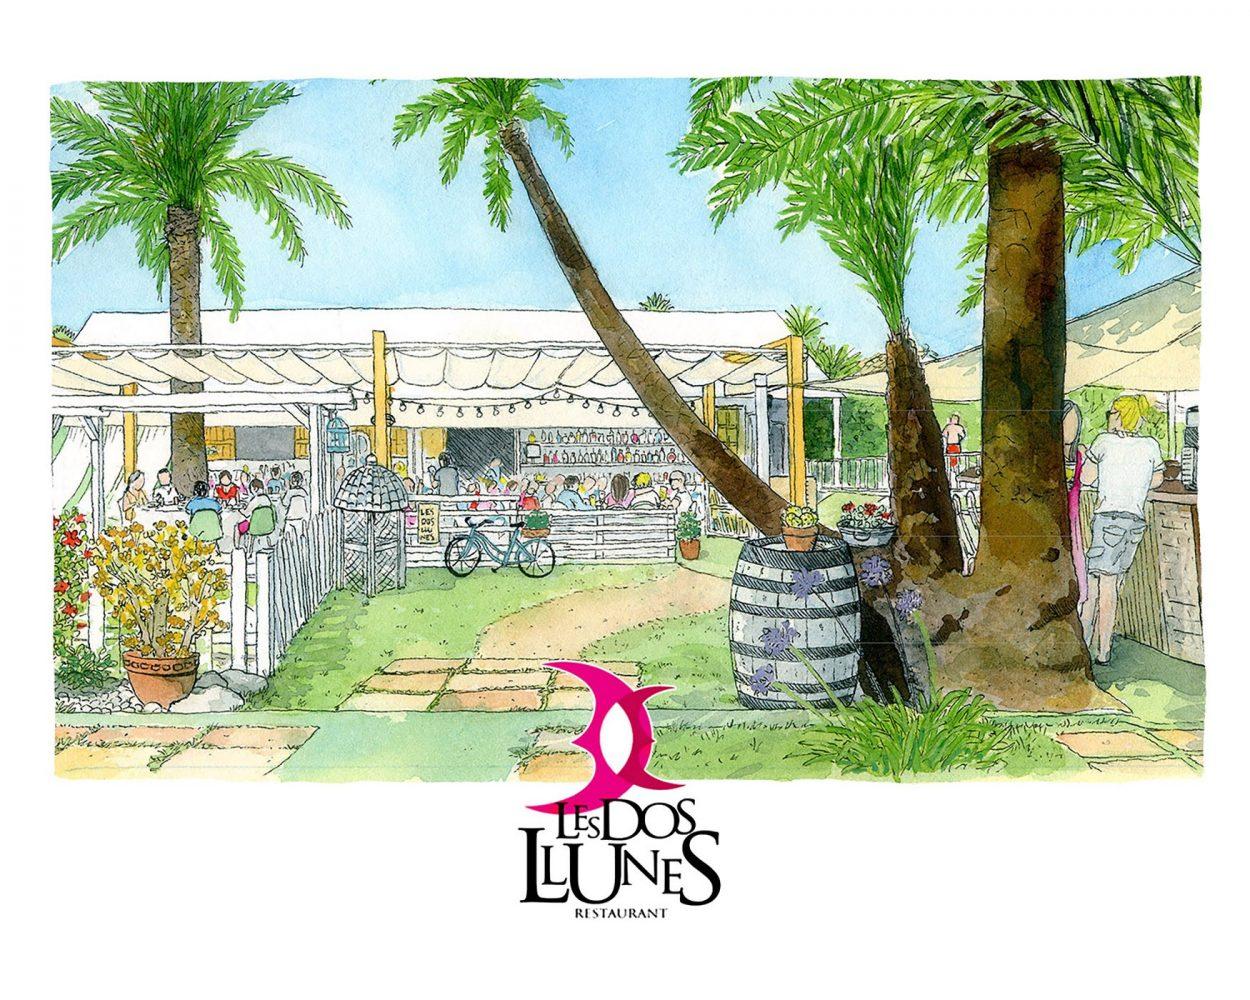 Dibujo en acuarela del restaurante de Oliva Les Dos Llunes. La Safor, Valencia. Bares con encanto. Ilustración de paisaje. Publicidad artesanal.